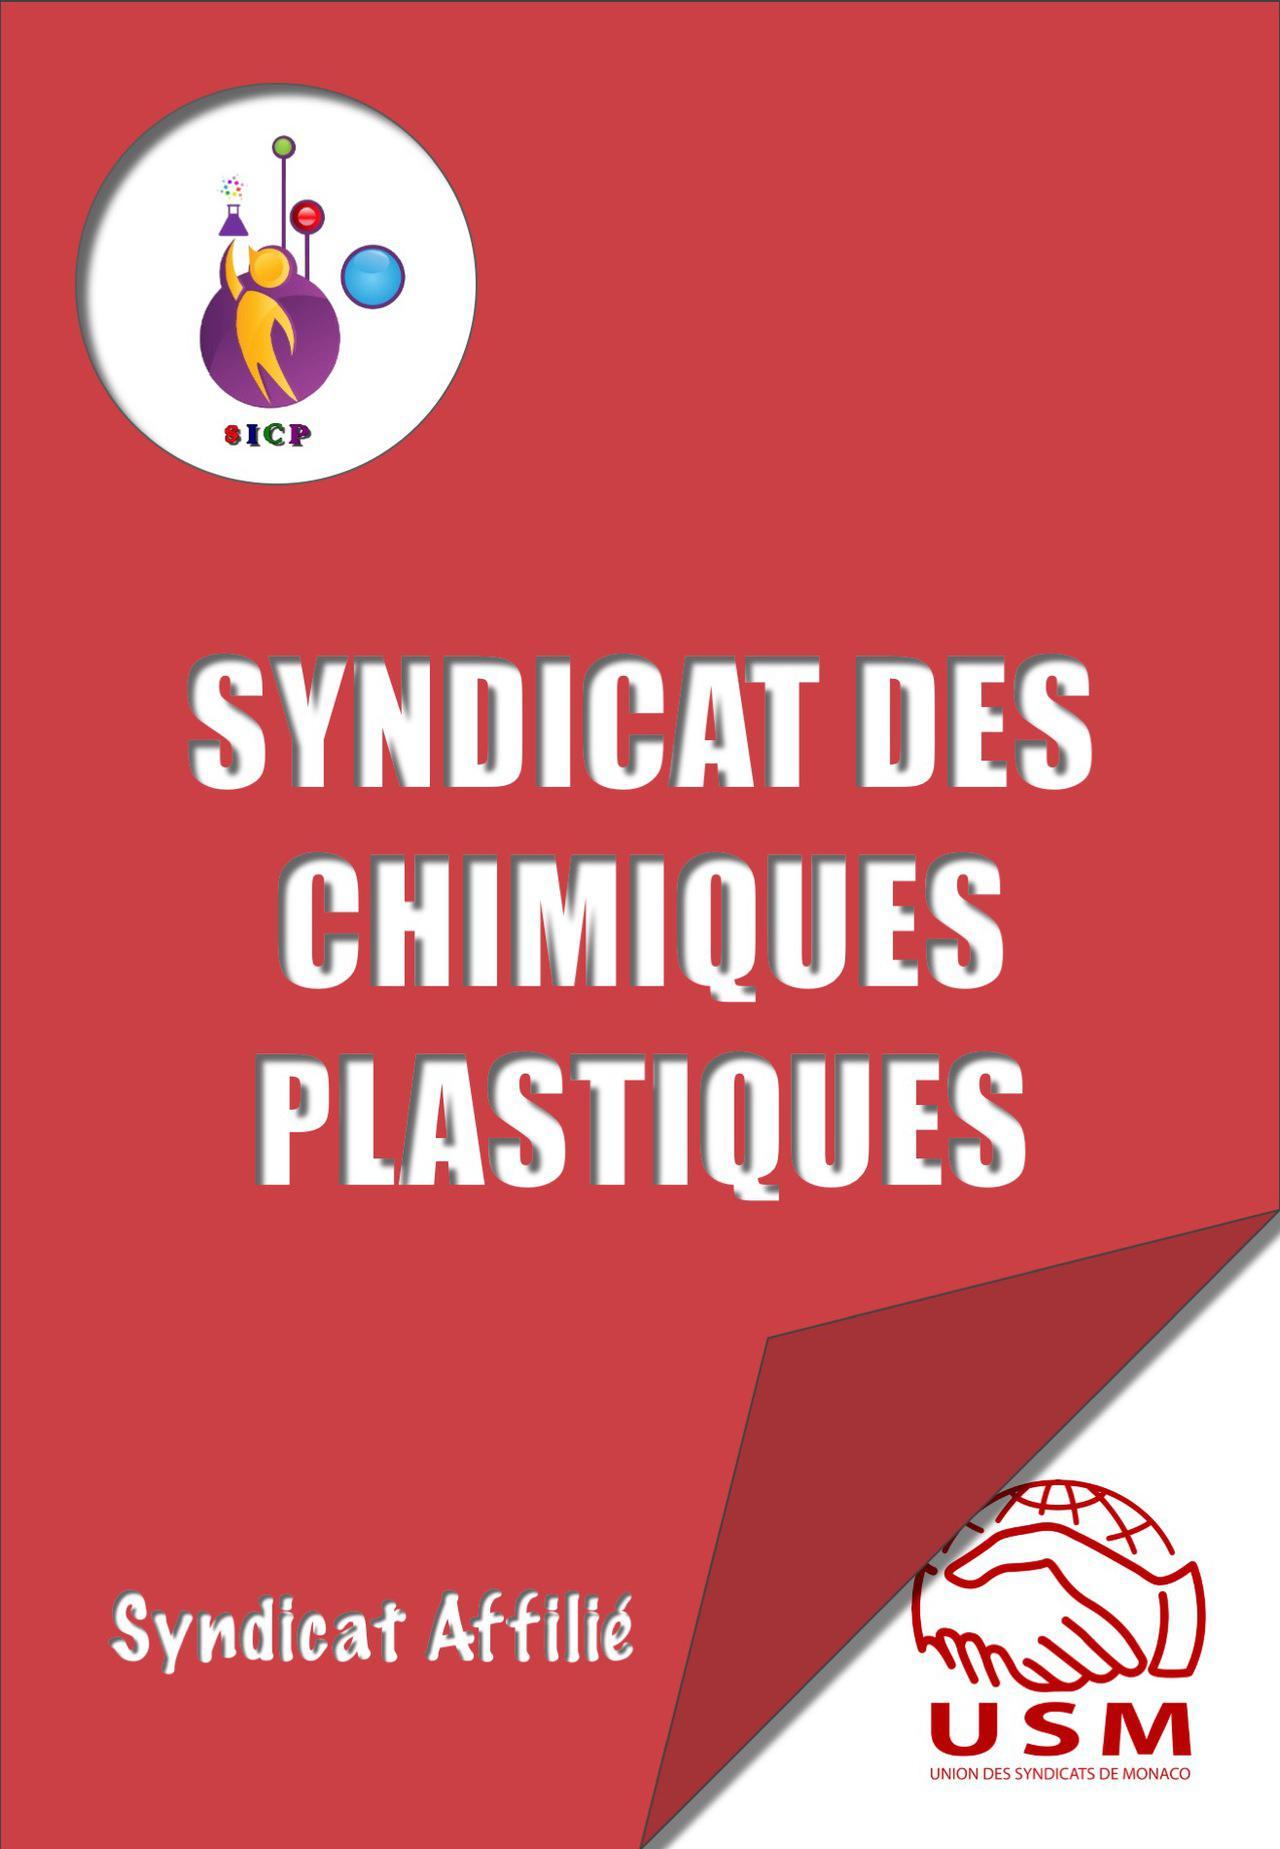 Chimiques Plastiques